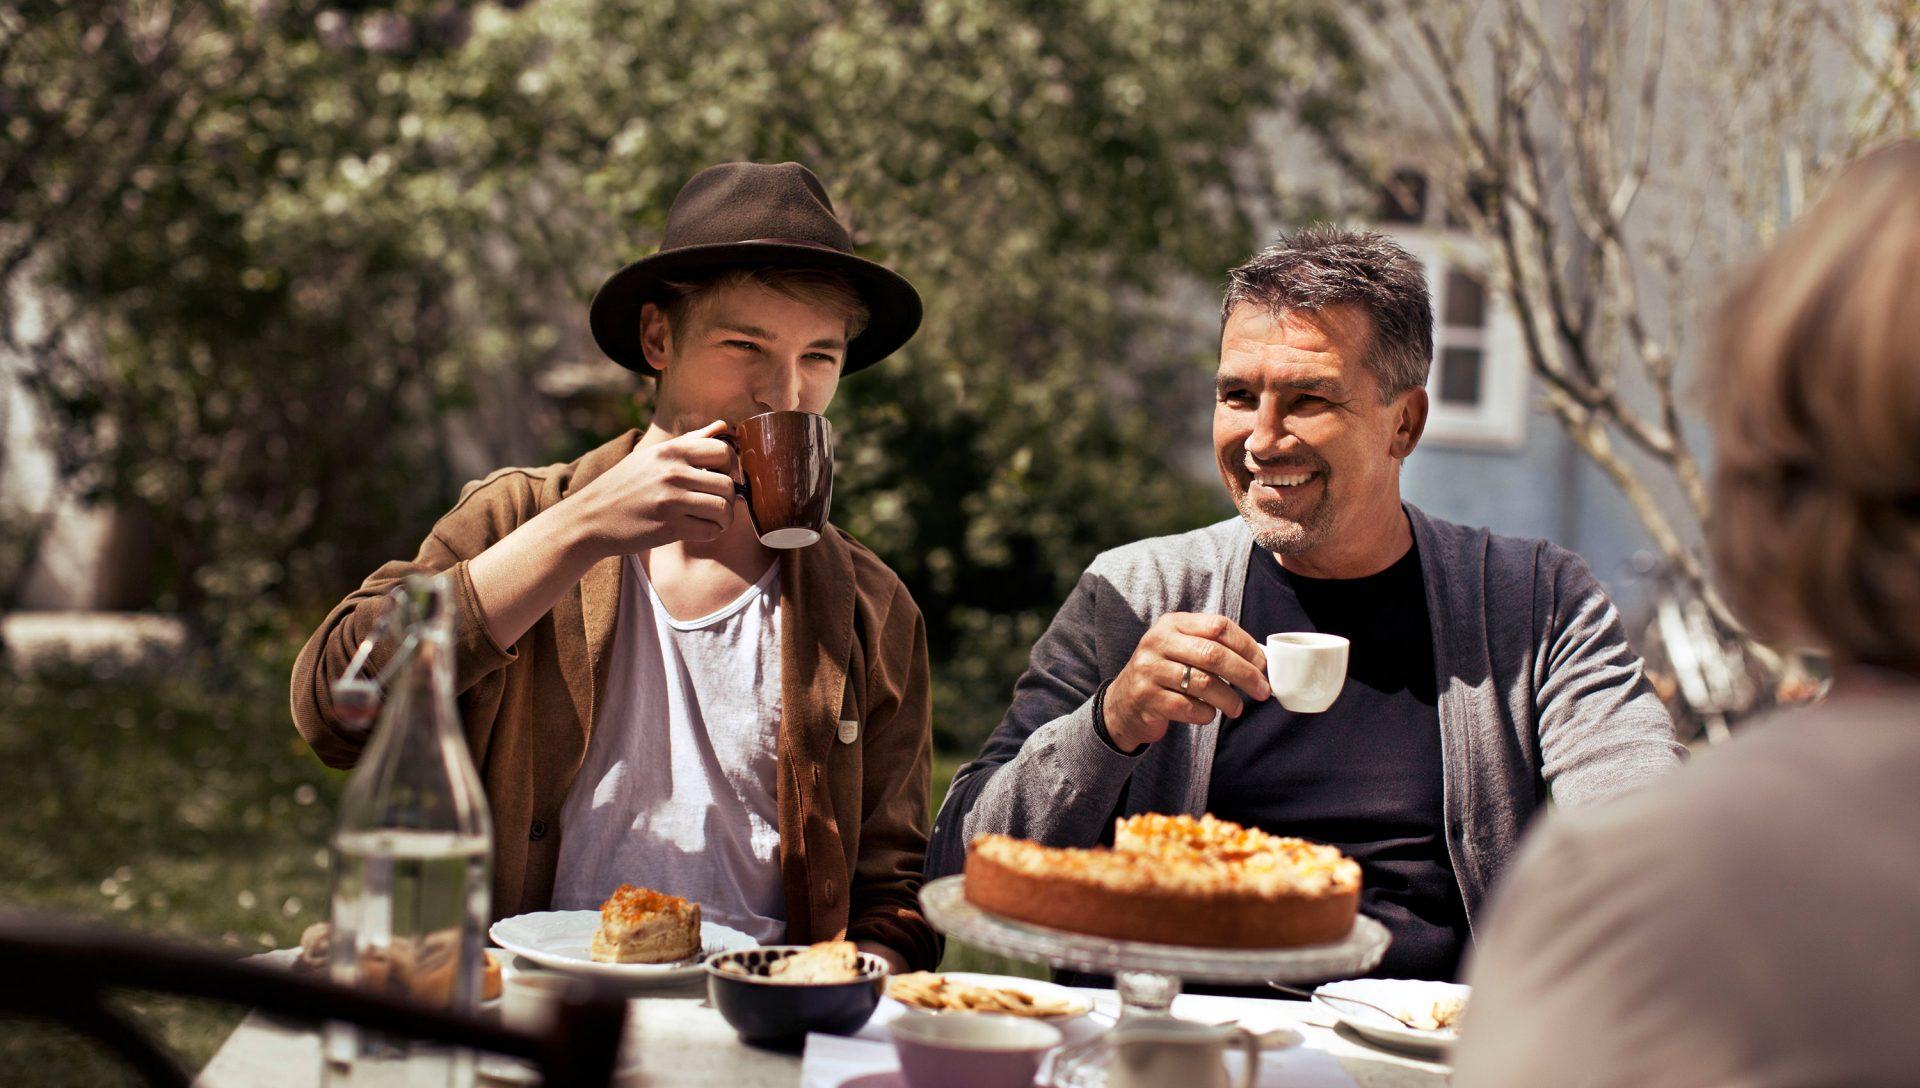 Kaffee-Trends für 2015